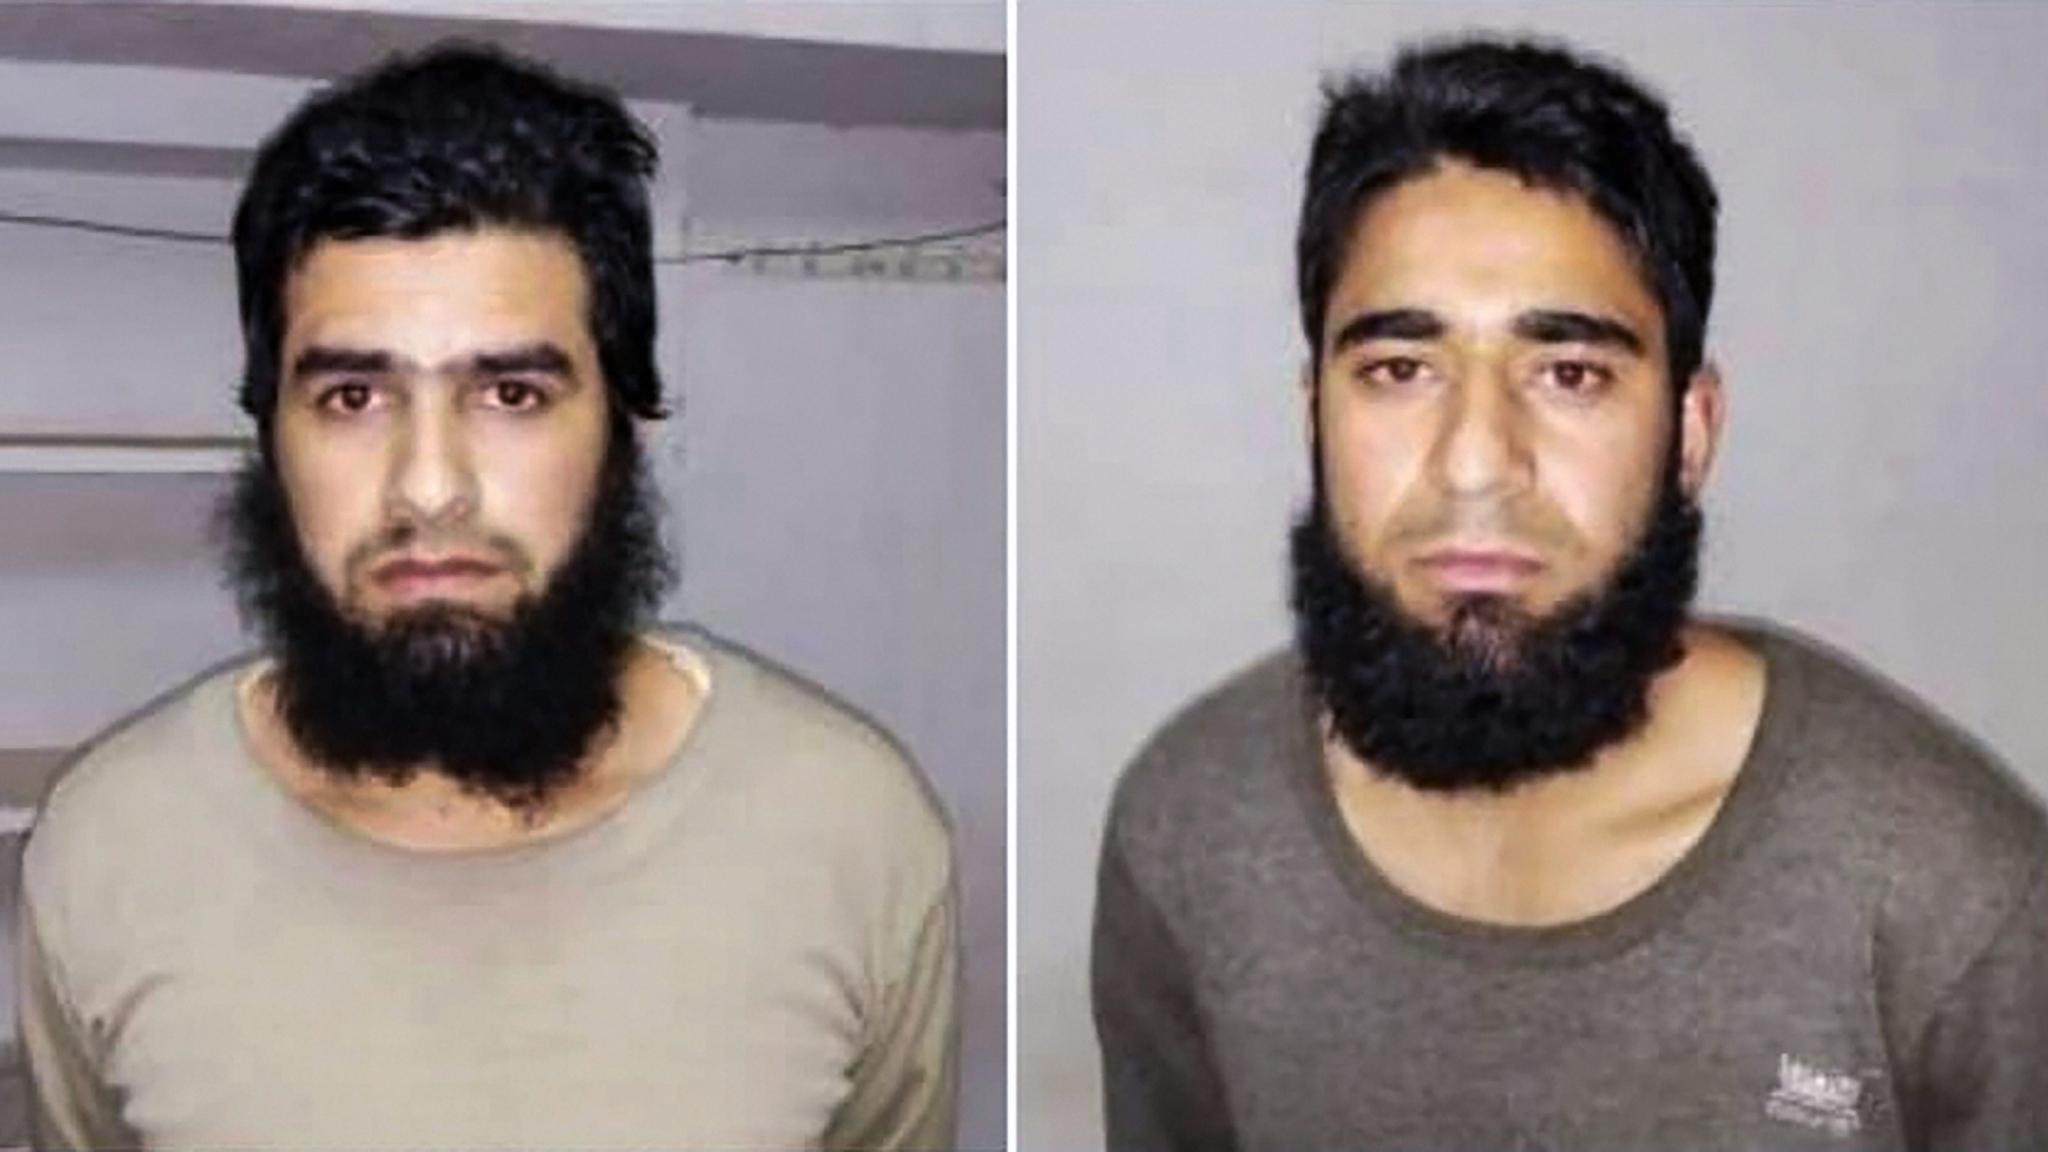 UP ATS Nabs 2 Men for JeM Link, South Kashmir Cops Say 'No Proof'